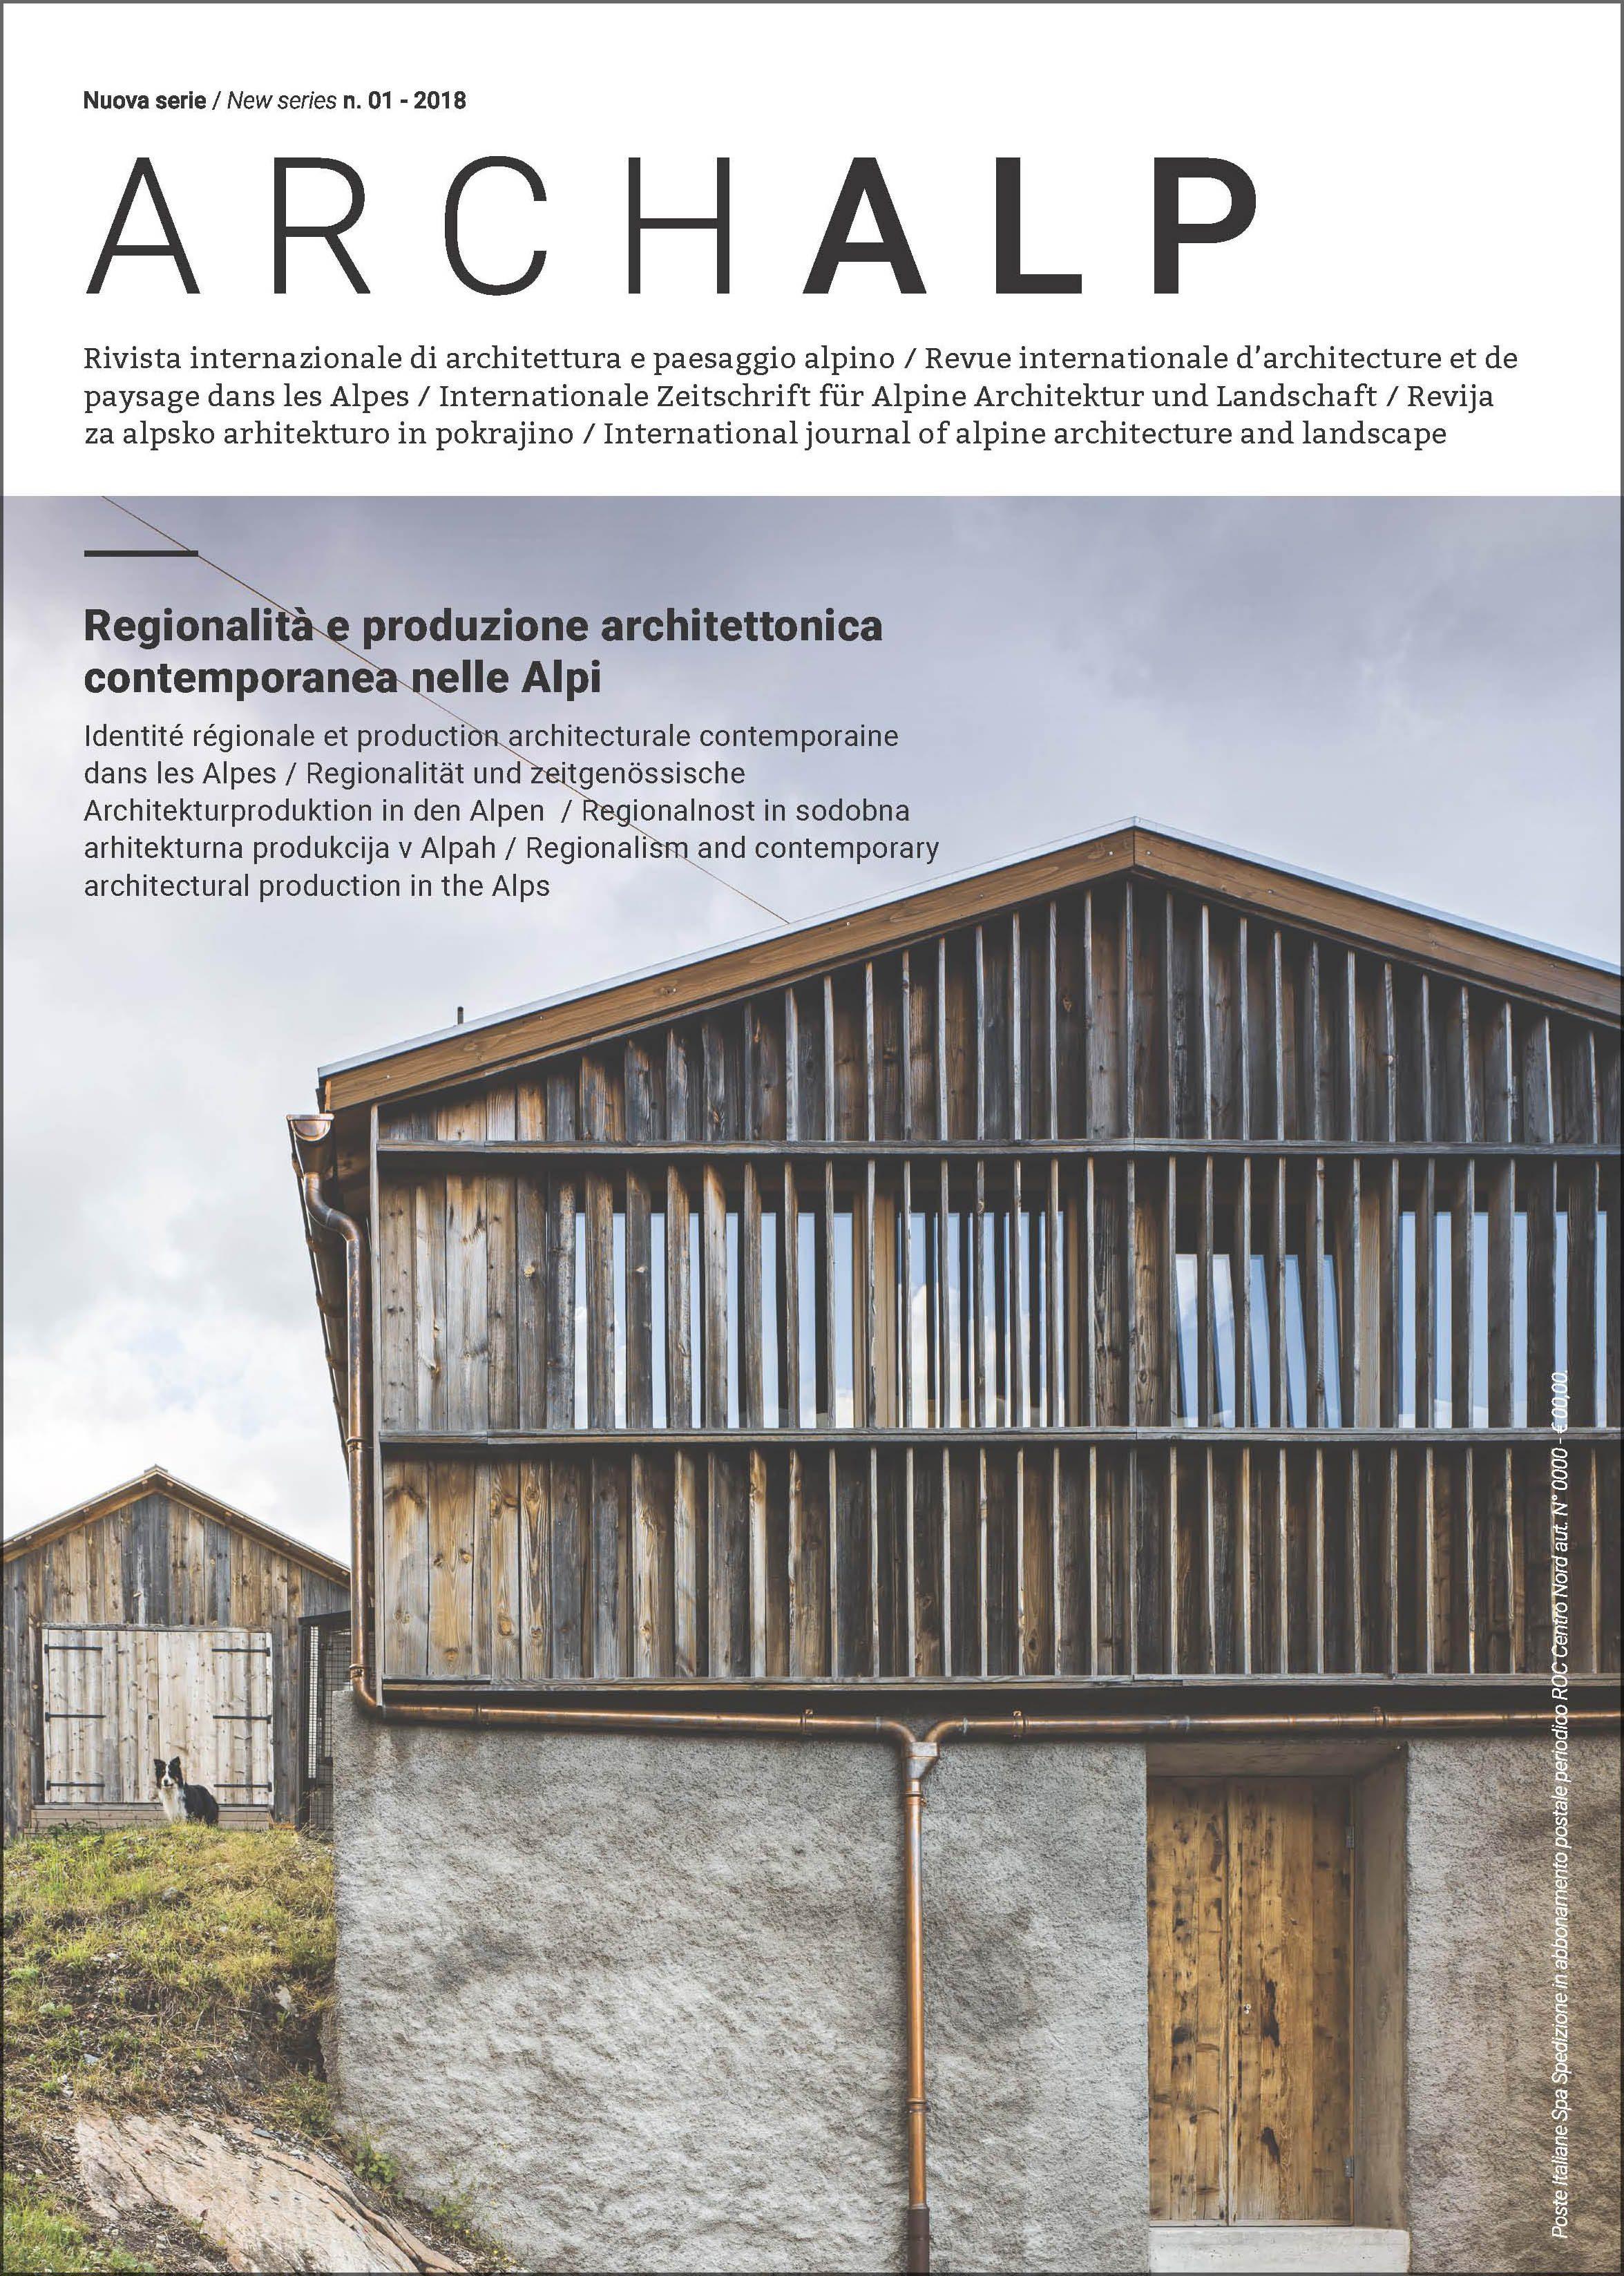 ArchAlp numero 01 2018